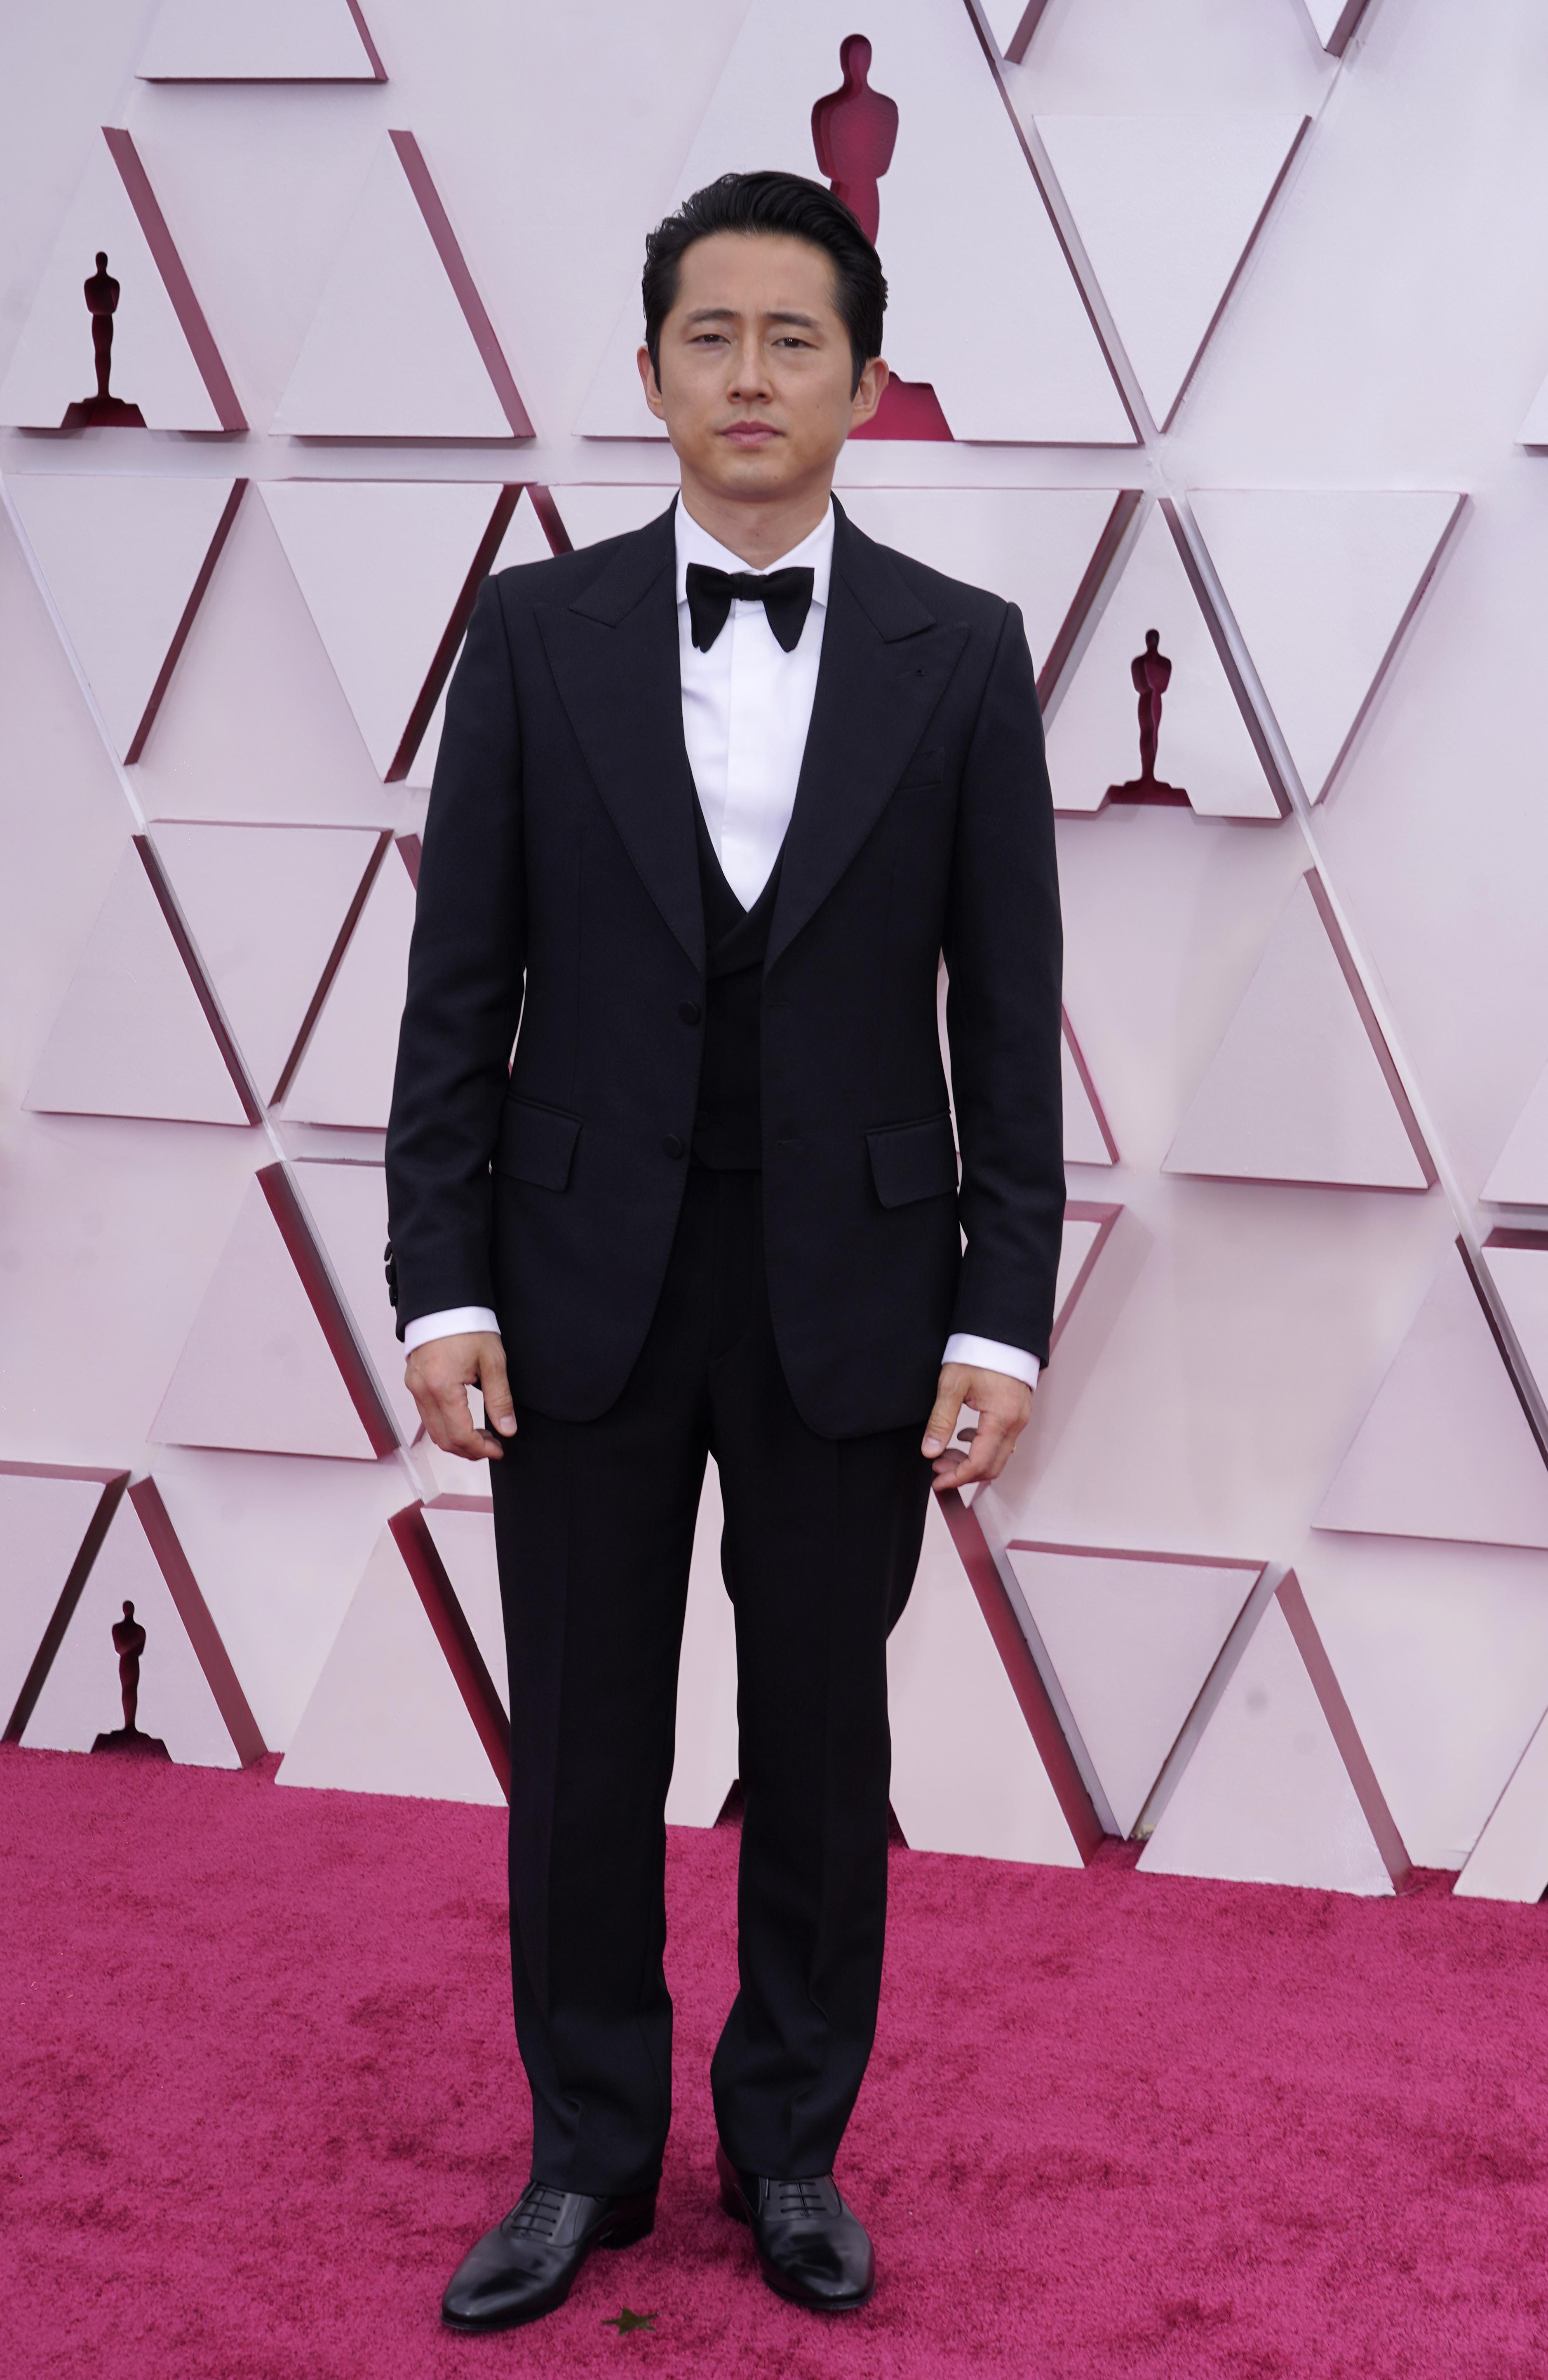 Steven Yeun at the 93rd Academy Awards